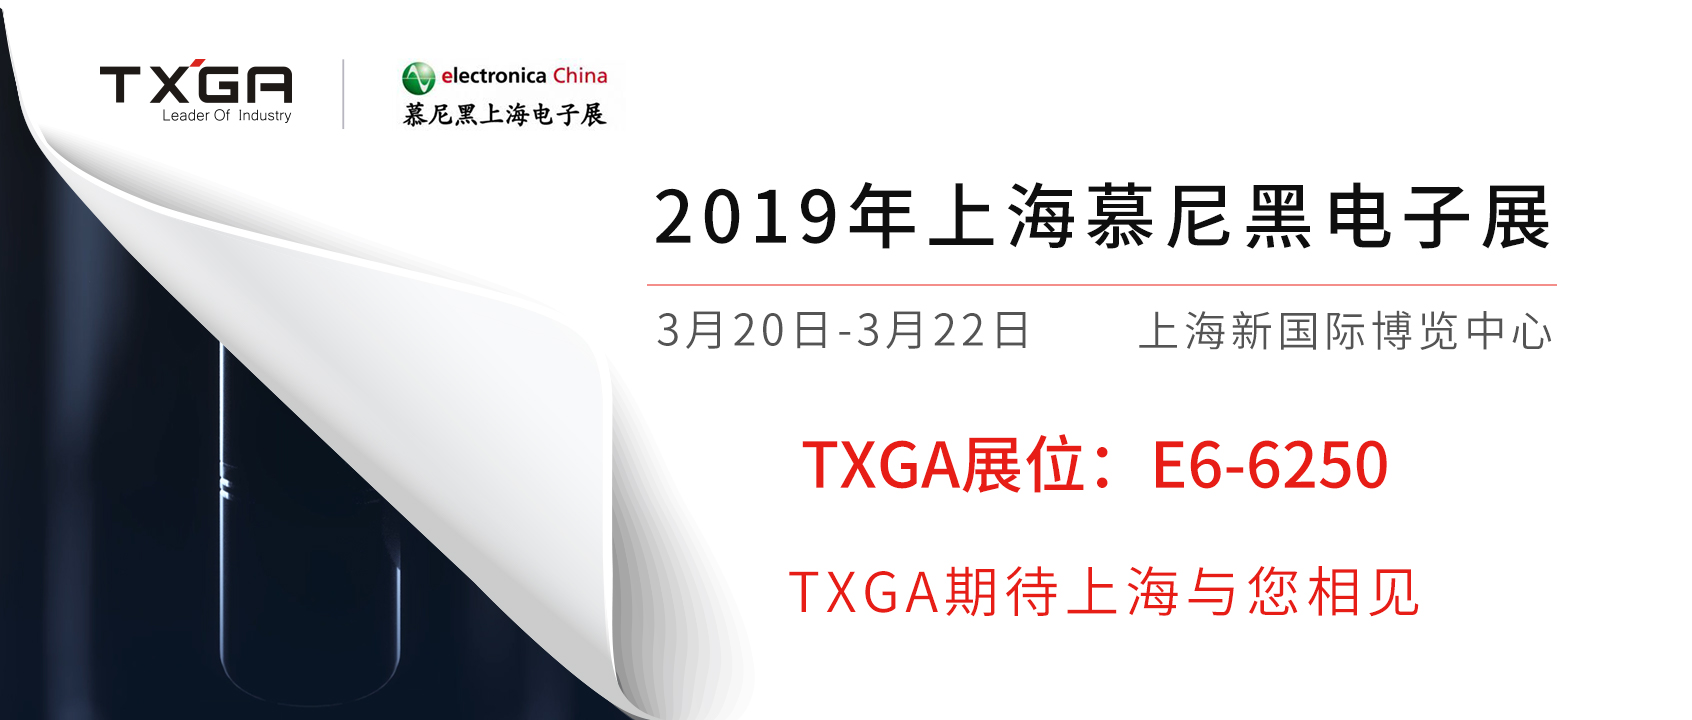 深圳TXGA连接器厂家将在2019年上海新国际会展中心参加慕尼黑电子展,届时TXGA将会展出一系列防水连接器及新的连接技术,敬请您亲临现场咨询!